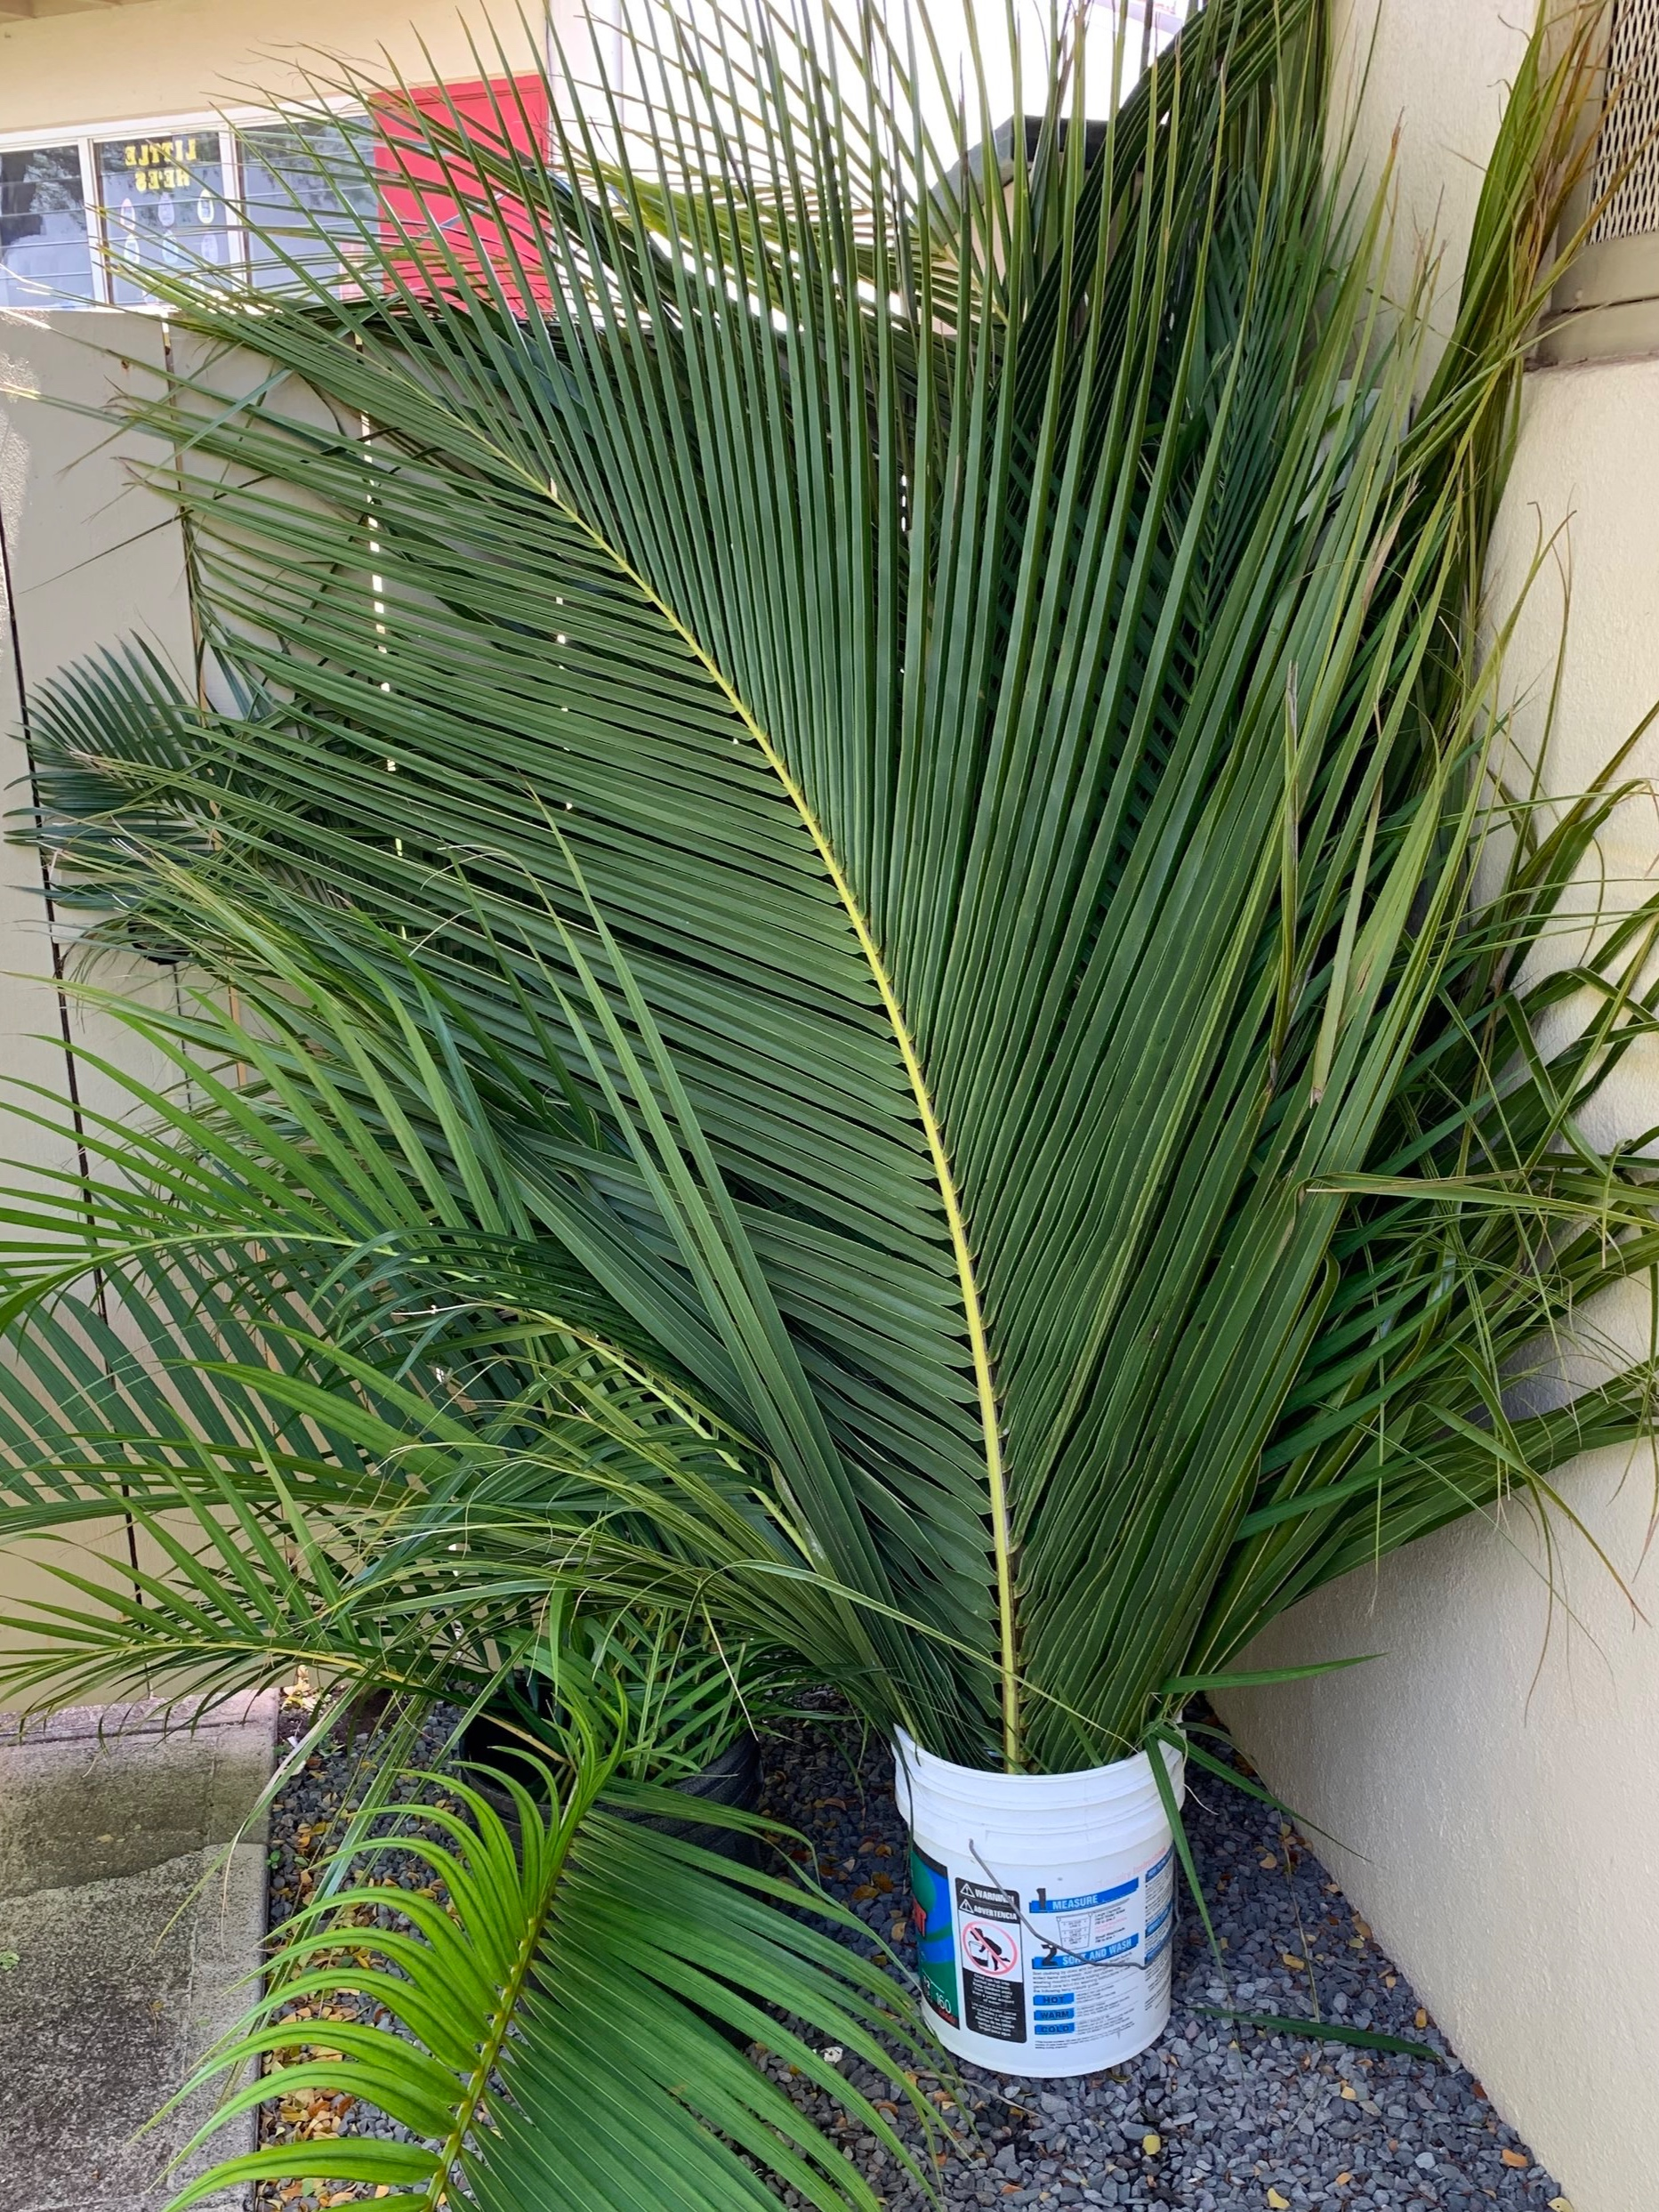 Sunday's Palms